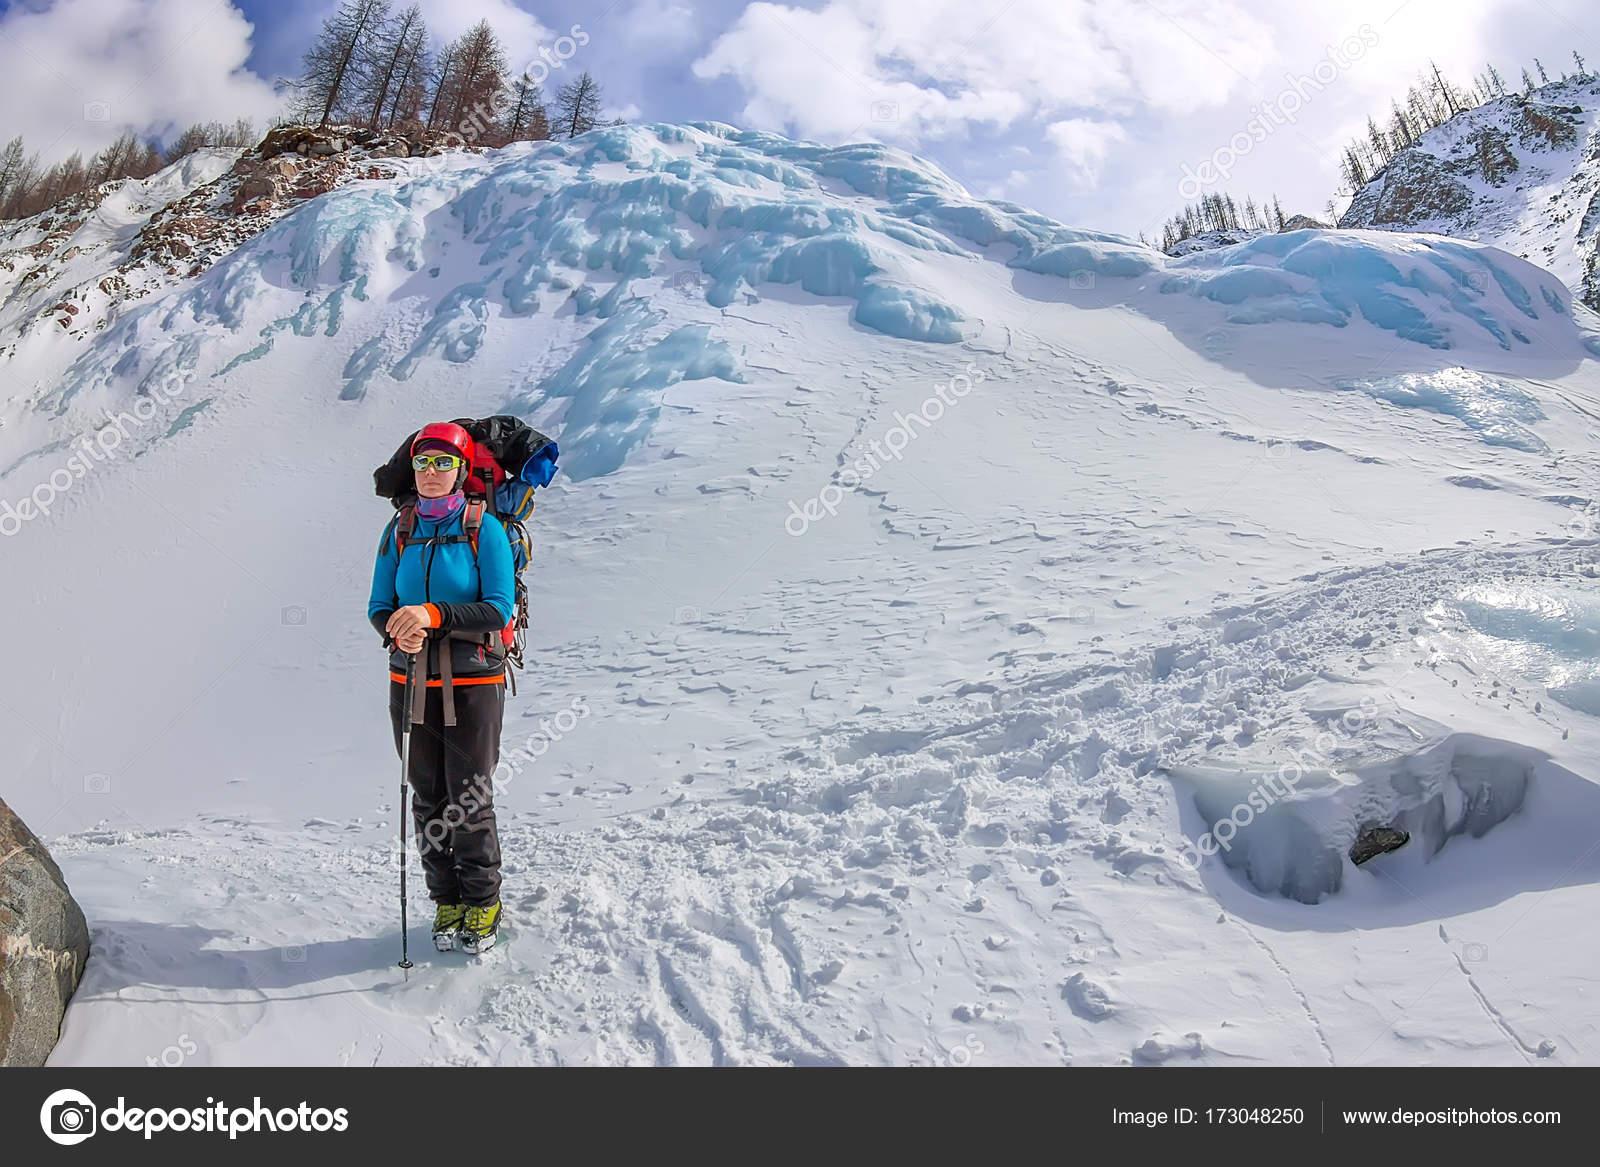 Klettergurt Skitour : Weibliche bergsteiger mit rucksack helm und klettergurt